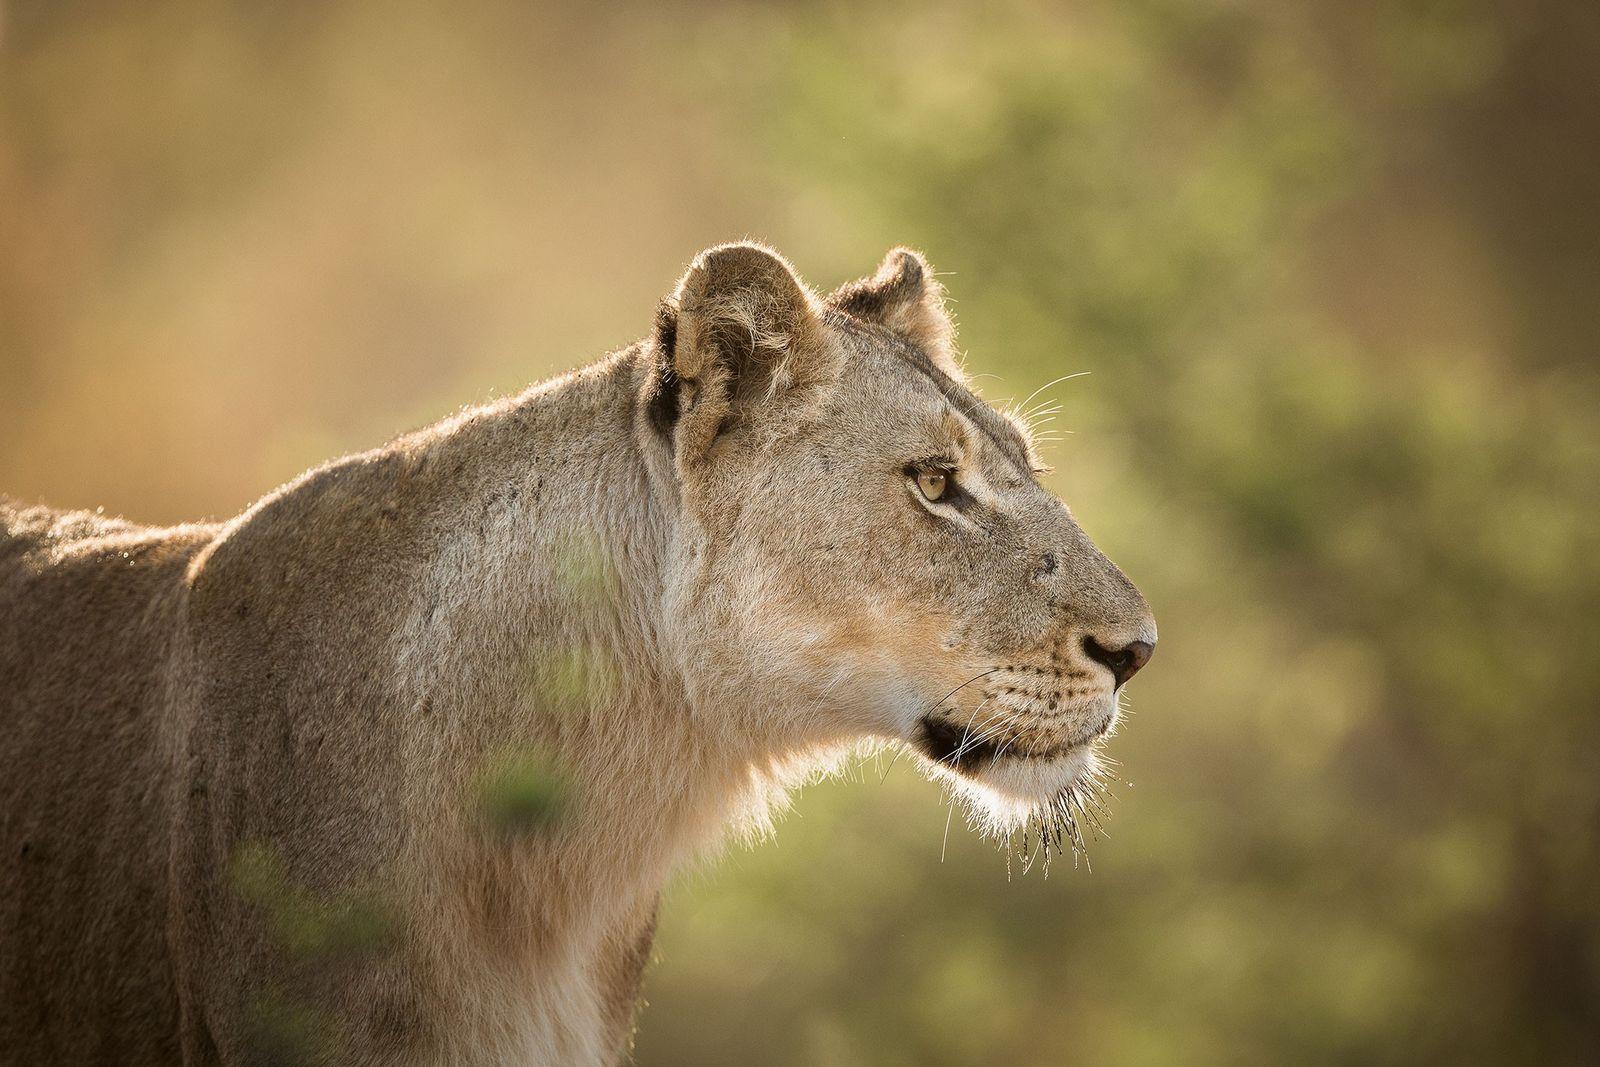 África do Sul pode exportar legalmente 1,5 mil esqueletos de leão por ano, em controversa decisão